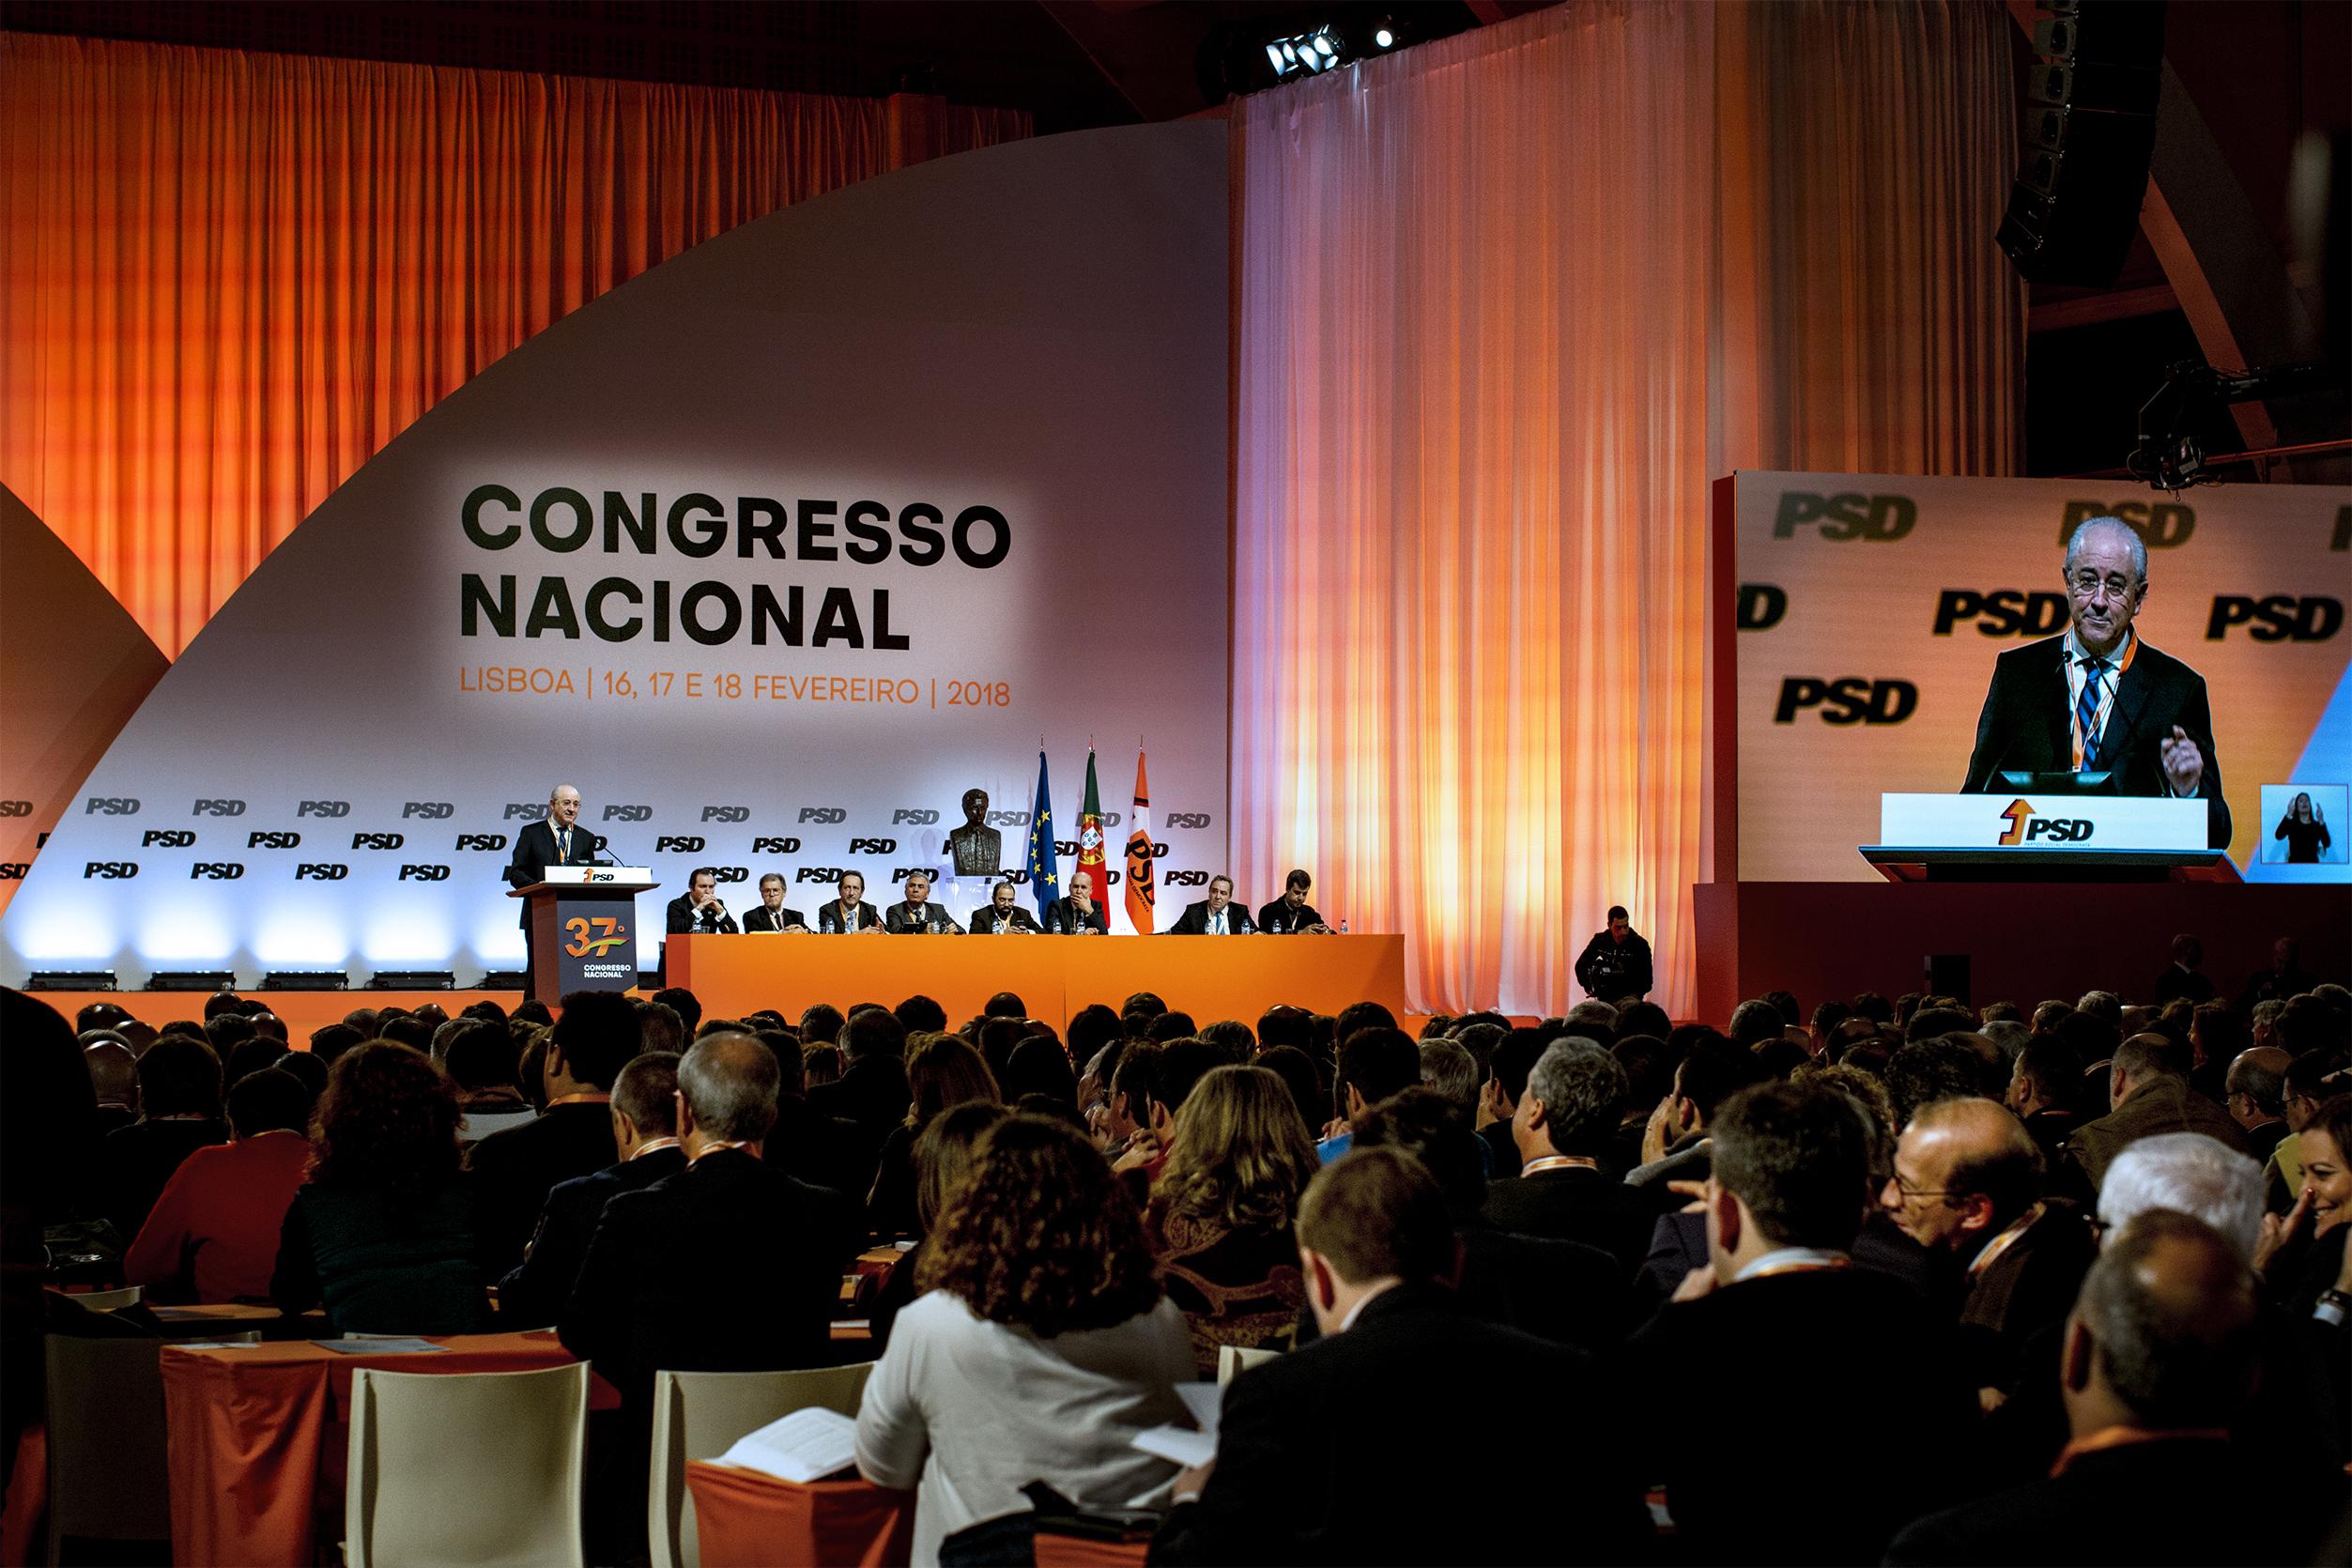 """Congresso do PSD aprova proposta de """"legalização responsável e segura do uso de canábis em Portugal"""""""